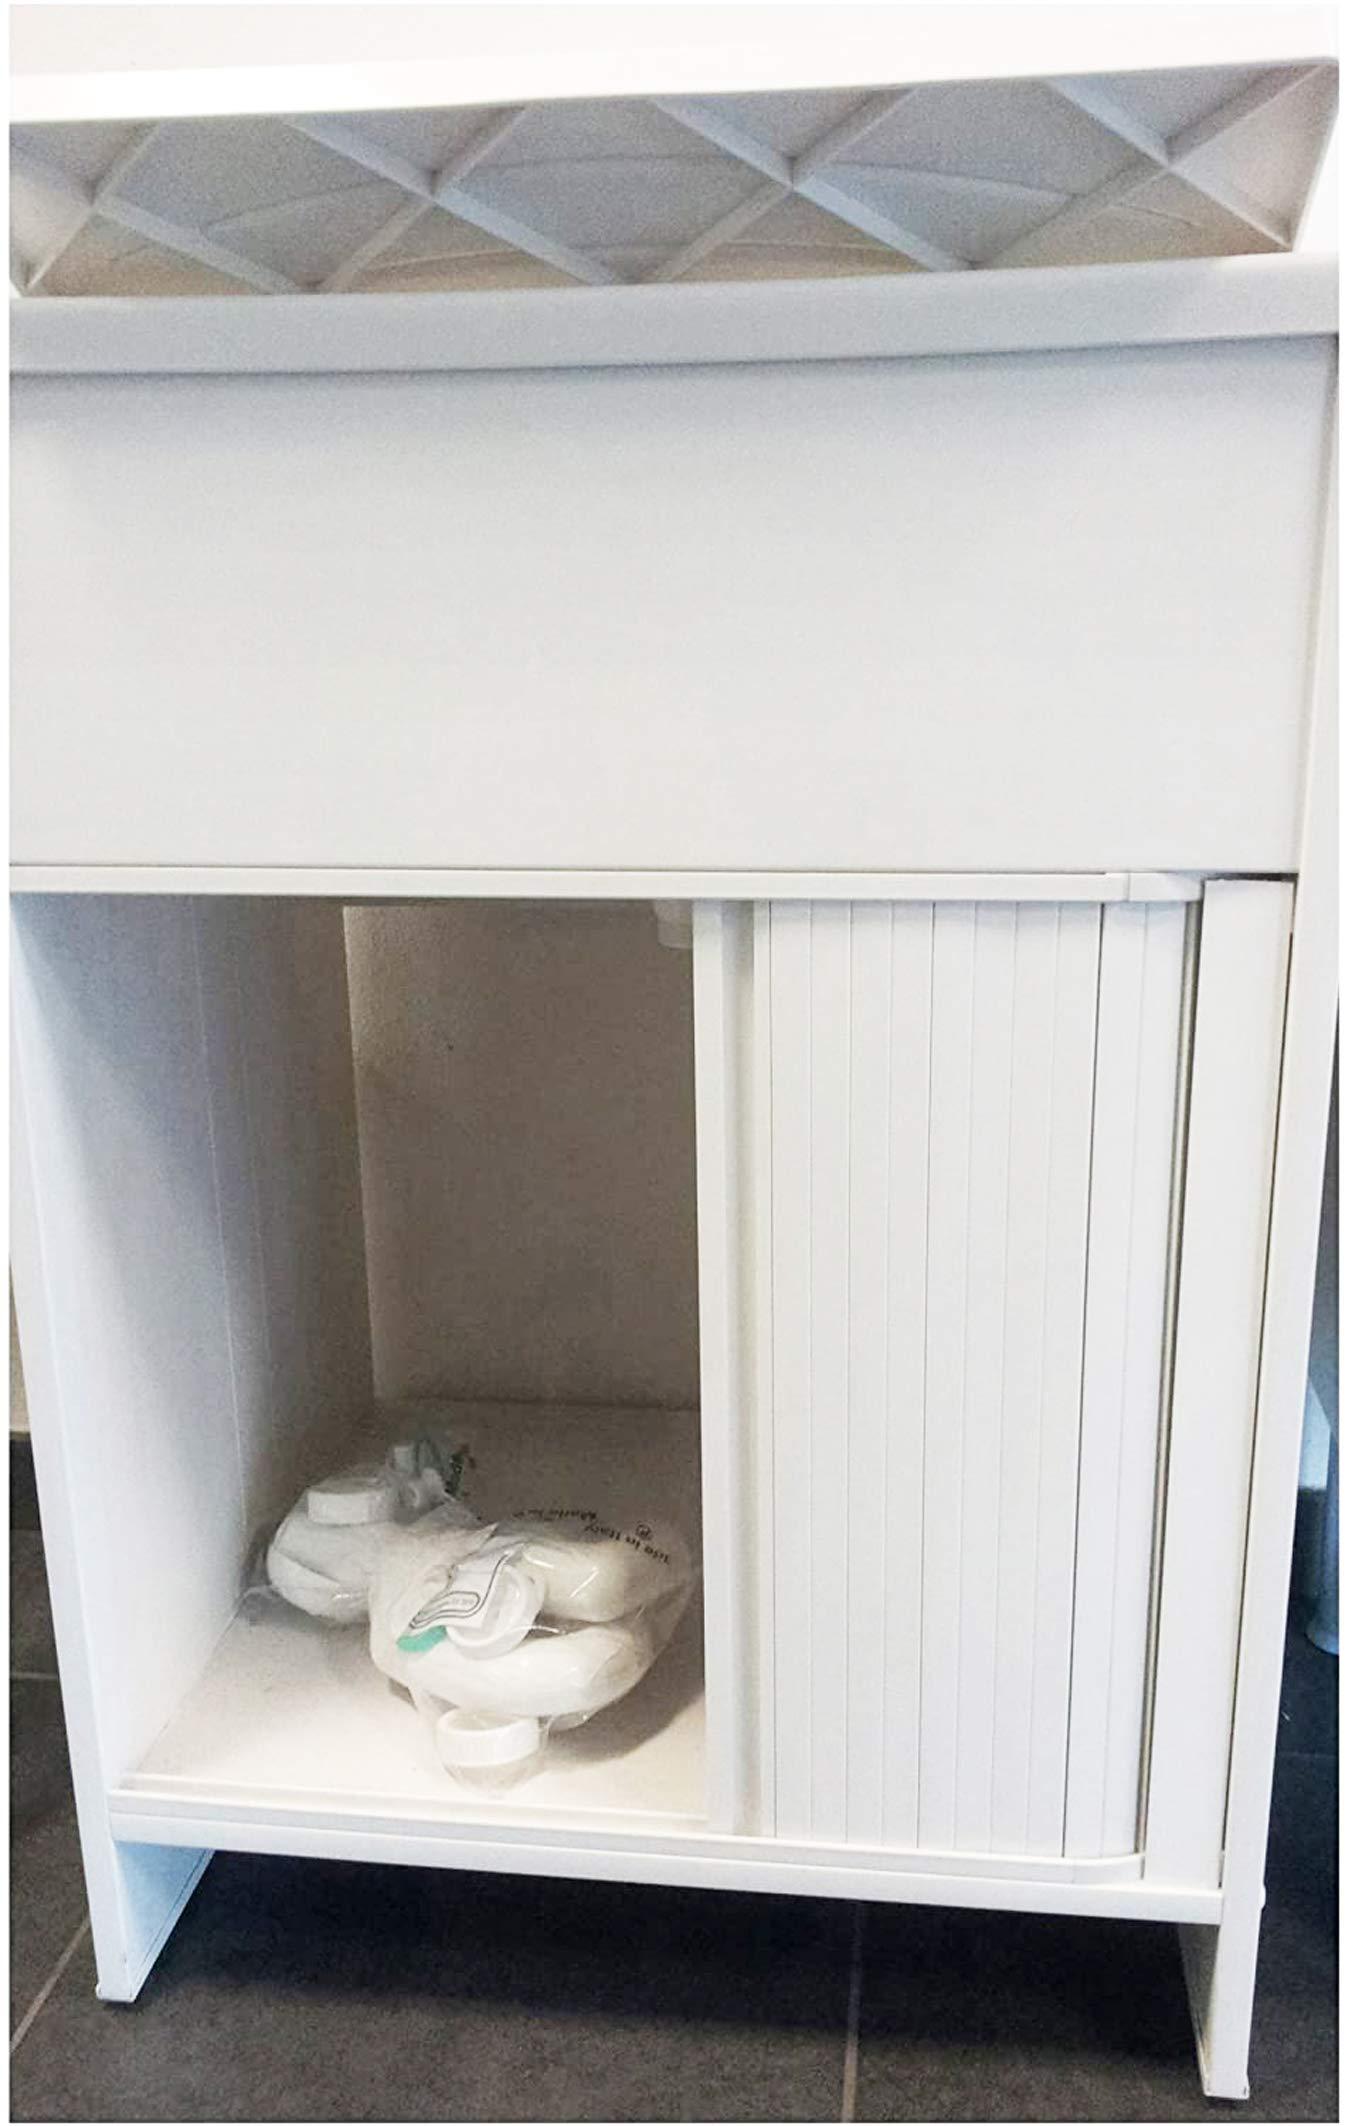 Negrari 4002k - Hunde con puerta corredera, pvc, blanco, de 60 x 50 x 85 cm: Amazon.es: Bricolaje y herramientas